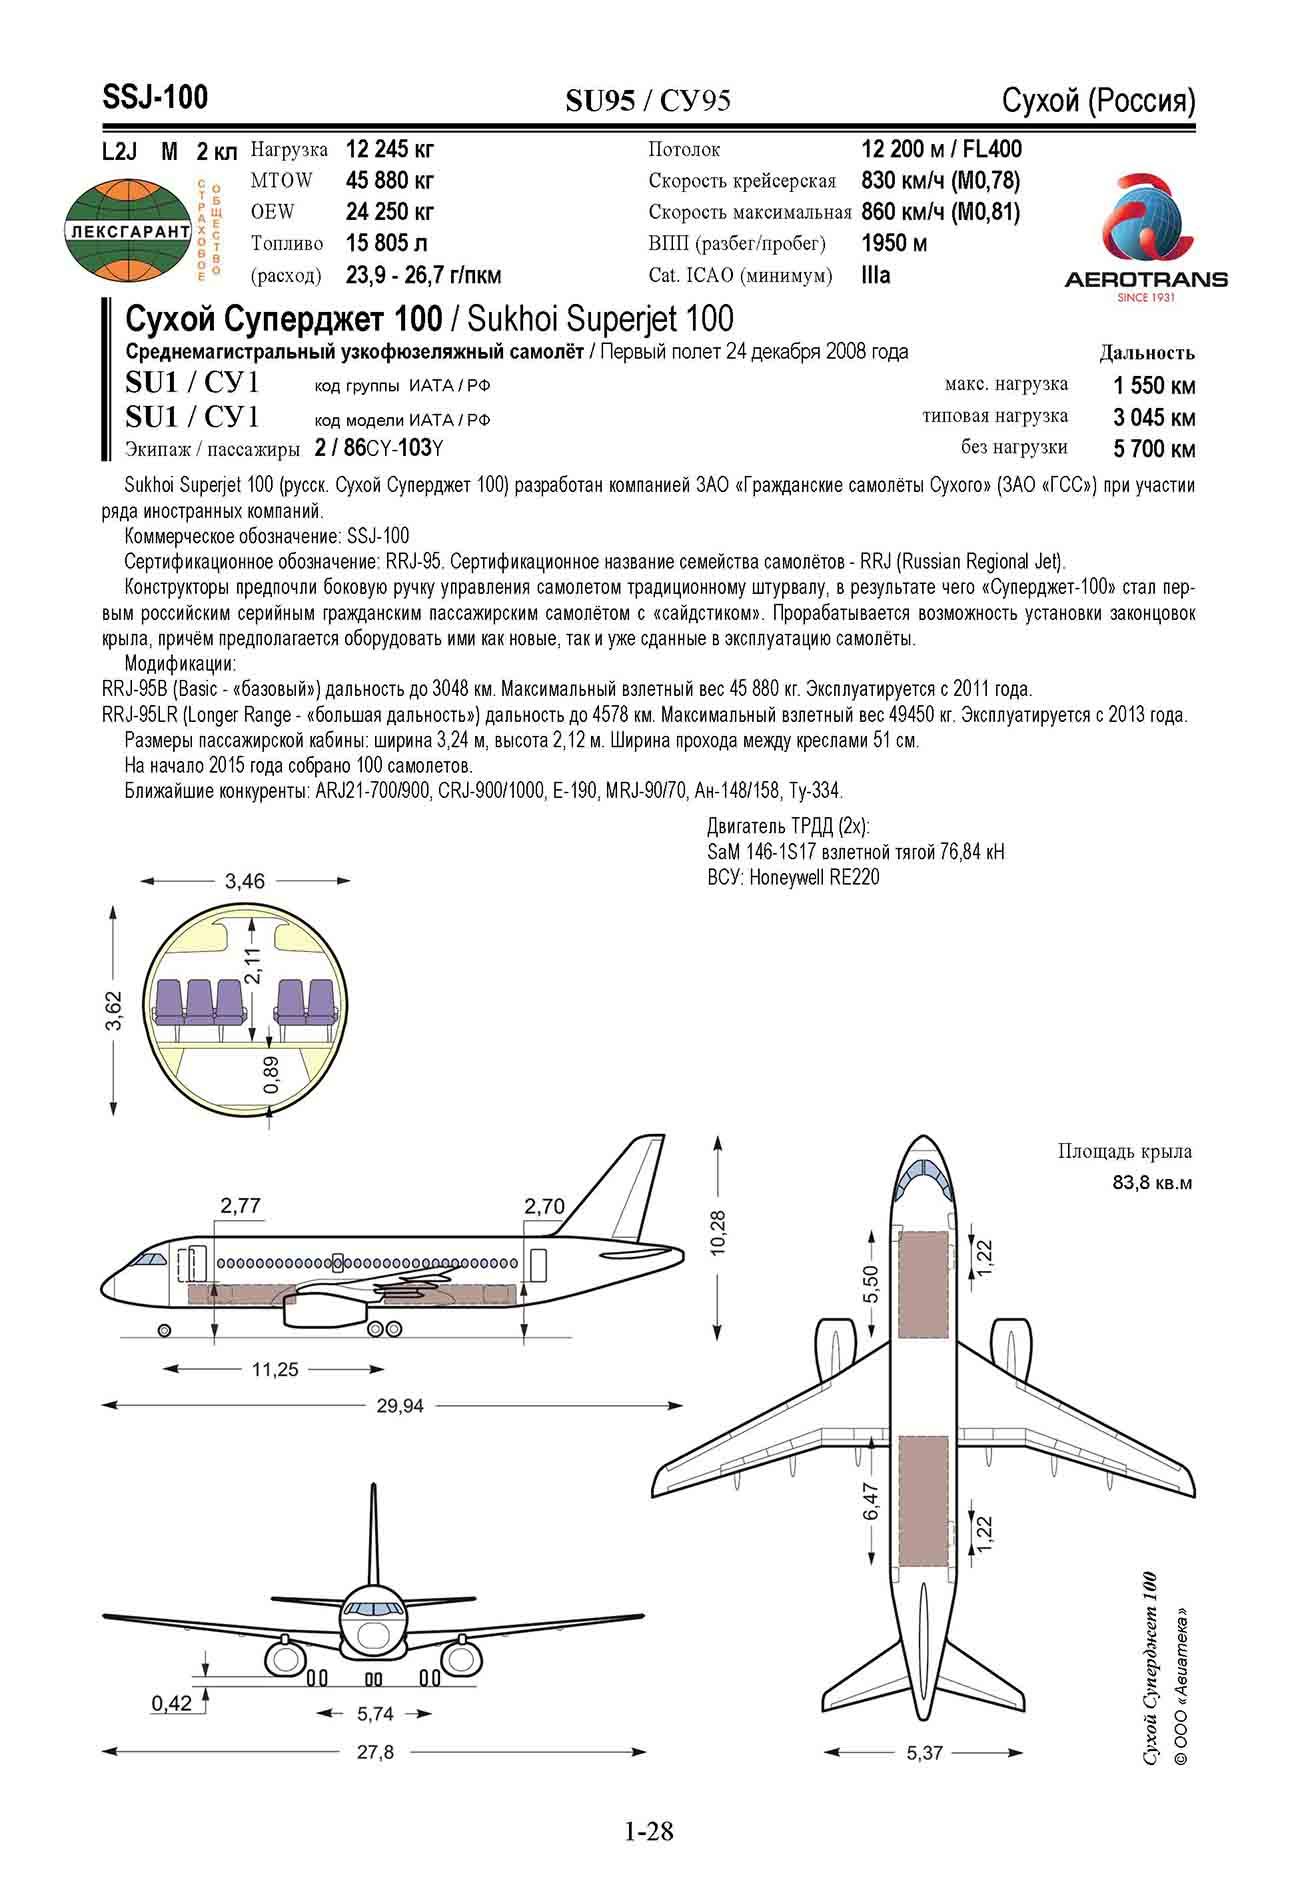 Вид страницы воздушного судна Сухой Суперджет 100